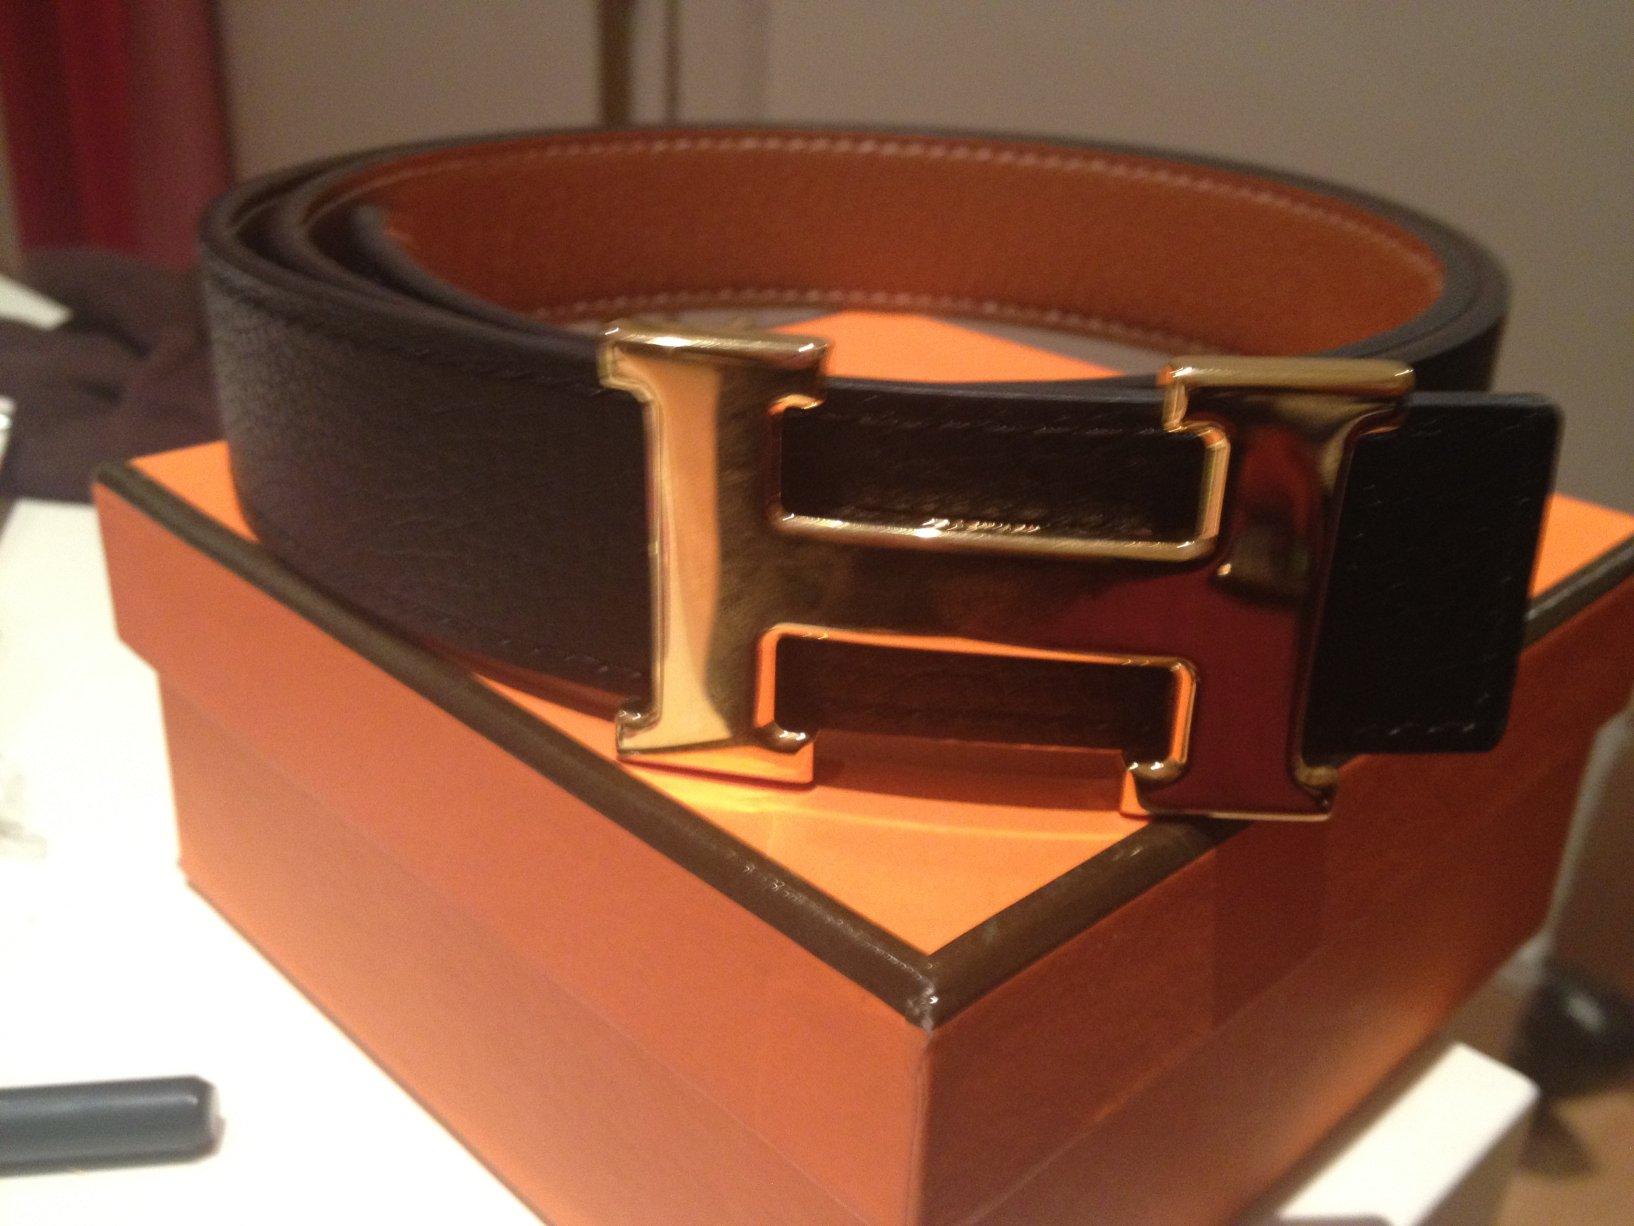 Vous pourrez facilement trouver des ceintures à des prix défiant toute  concurrence pour prendre soin de votre budget. 7fd8a2c4a7e